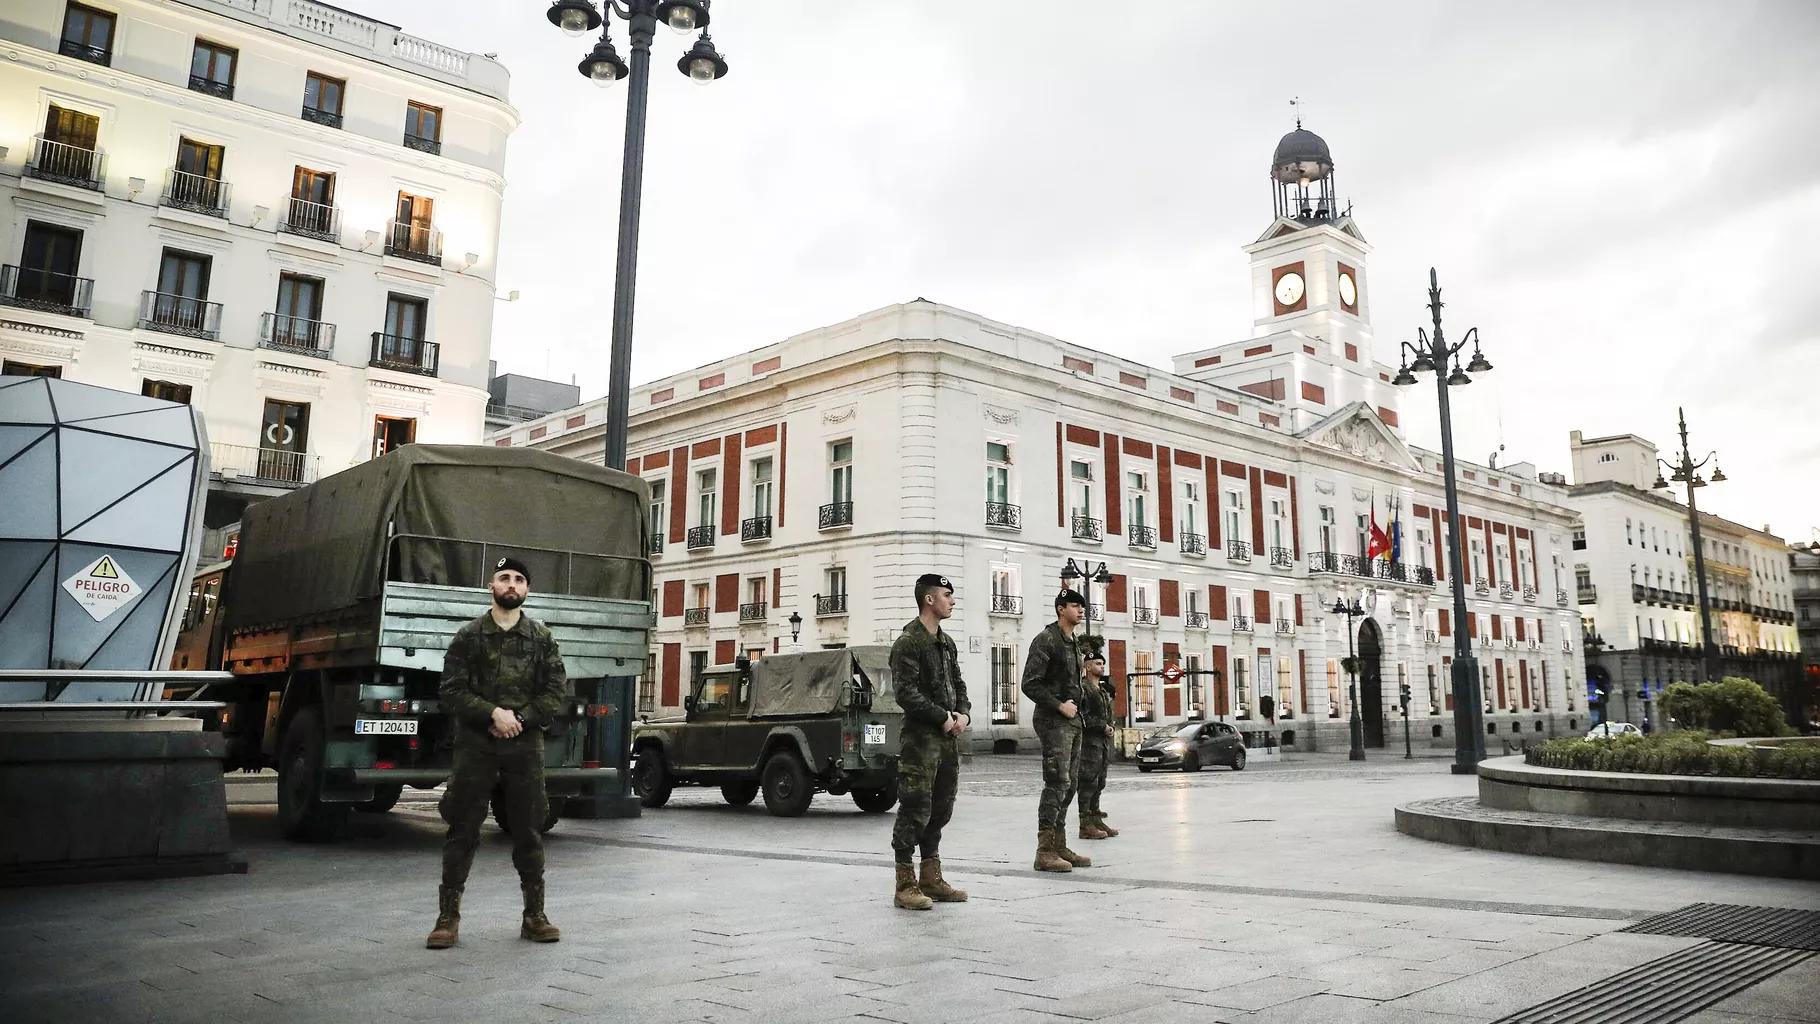 스페인 수도 마드리드 도심 푸에르타델솔에서 군인들이 `시민 이동 제한`을 위해 보초 서고 있는 모습. [출처 = 게티이미지·미국 VOX]